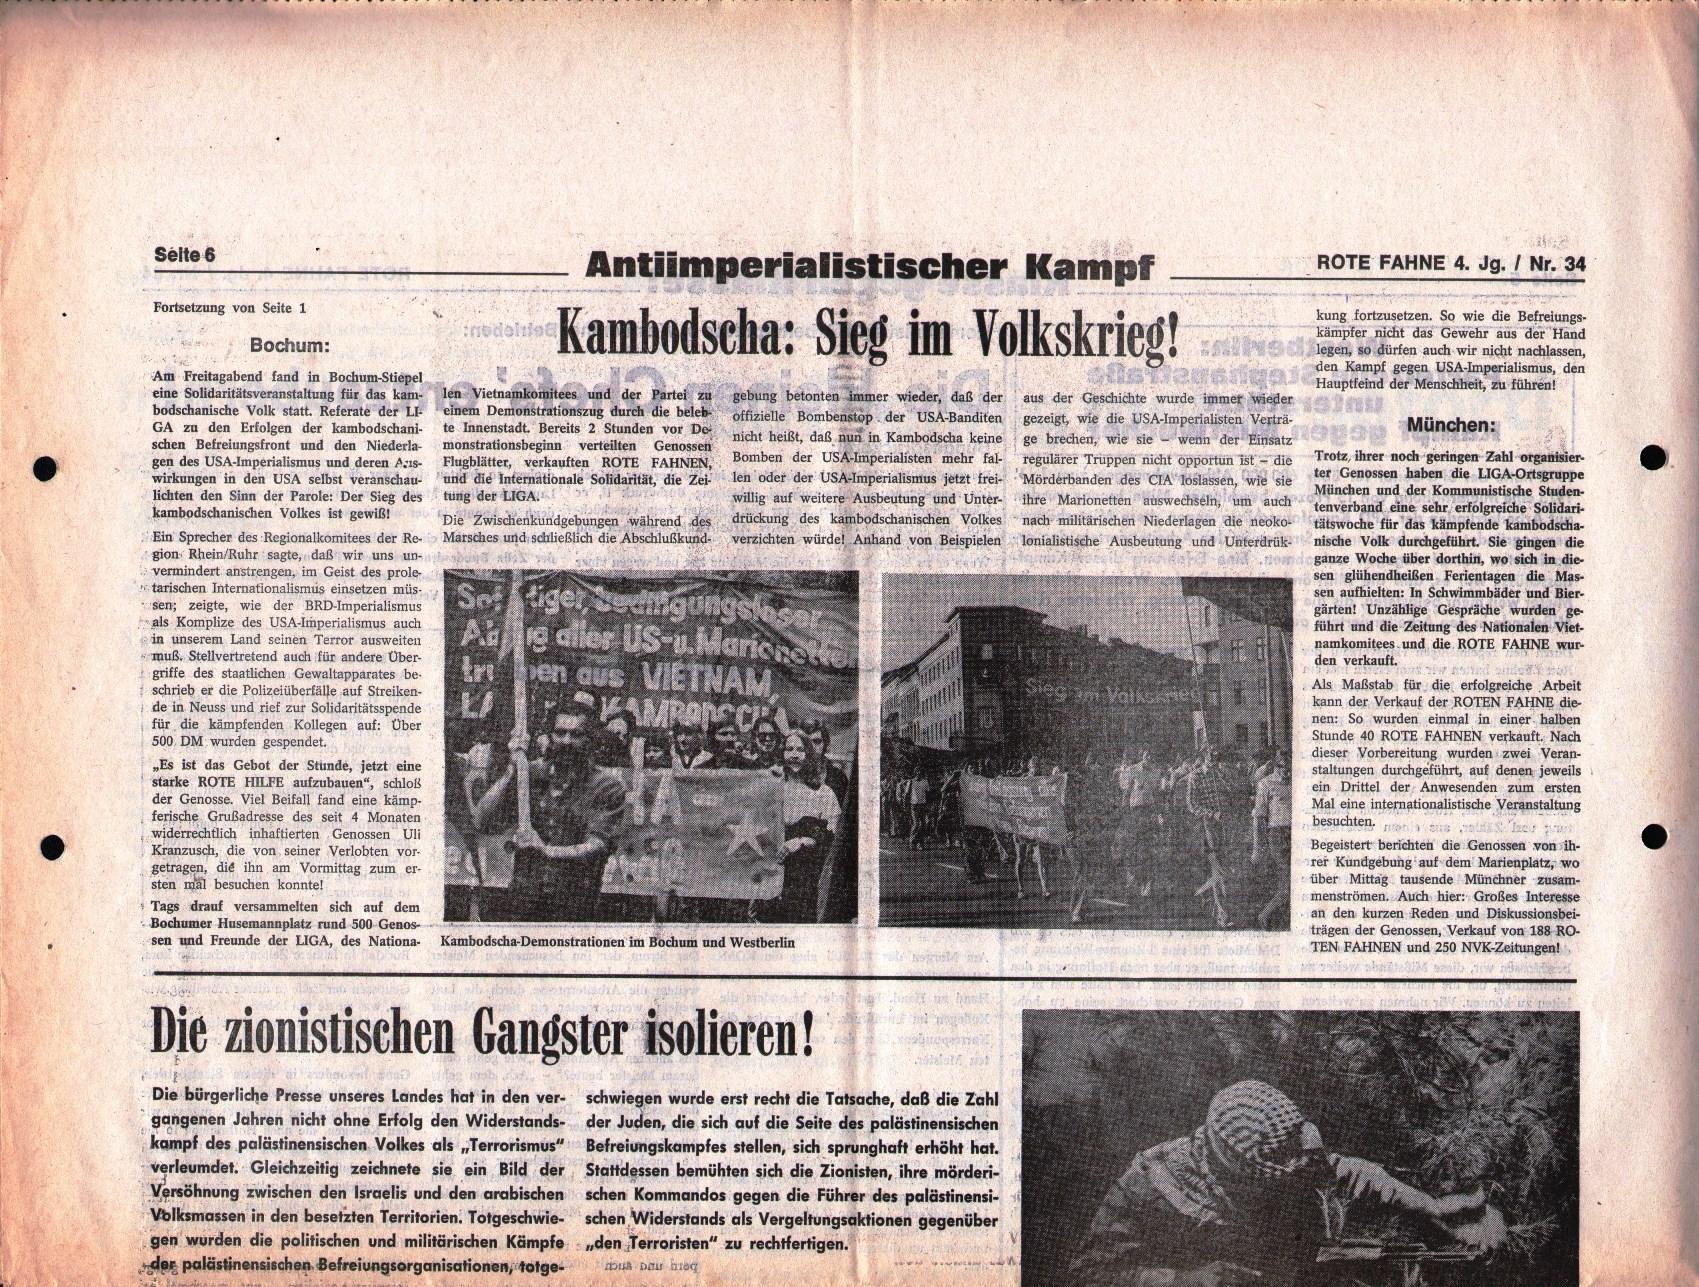 KPD_Rote_Fahne_1973_34_11